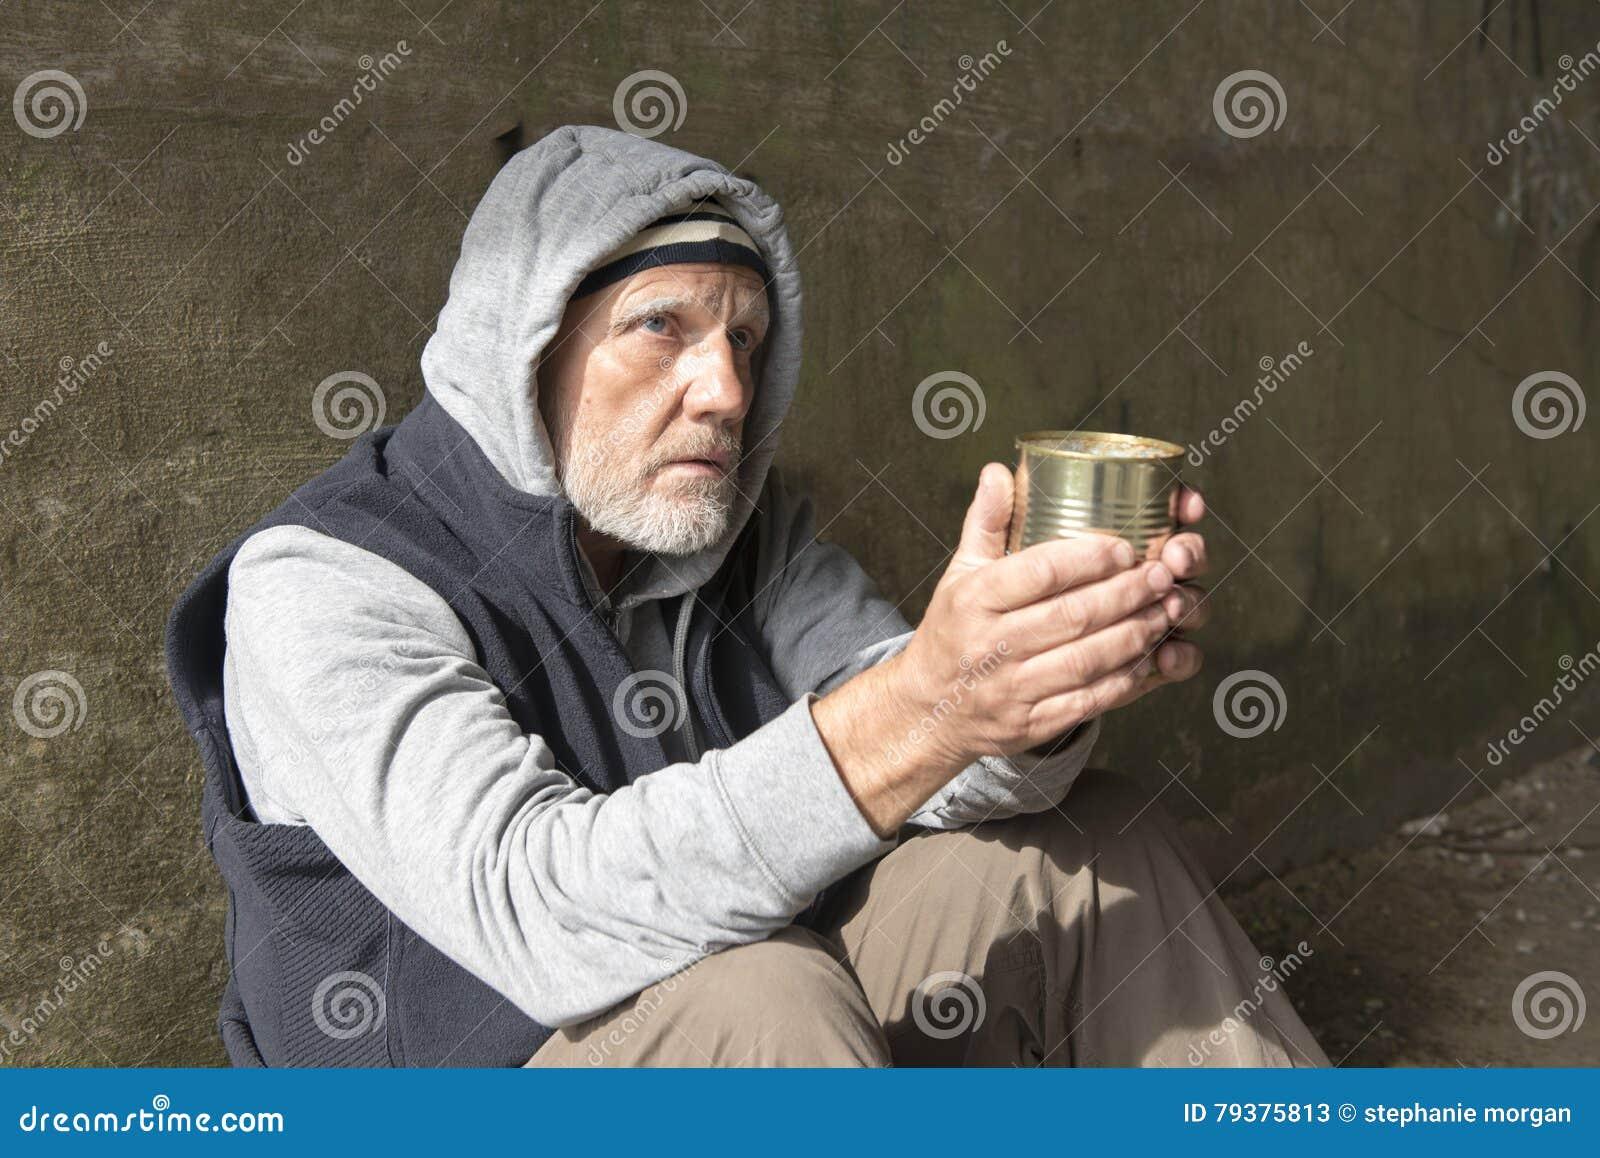 Uomo senza tetto maturo che sembra alimentato su, tenendo un barattolo di latta vuoto